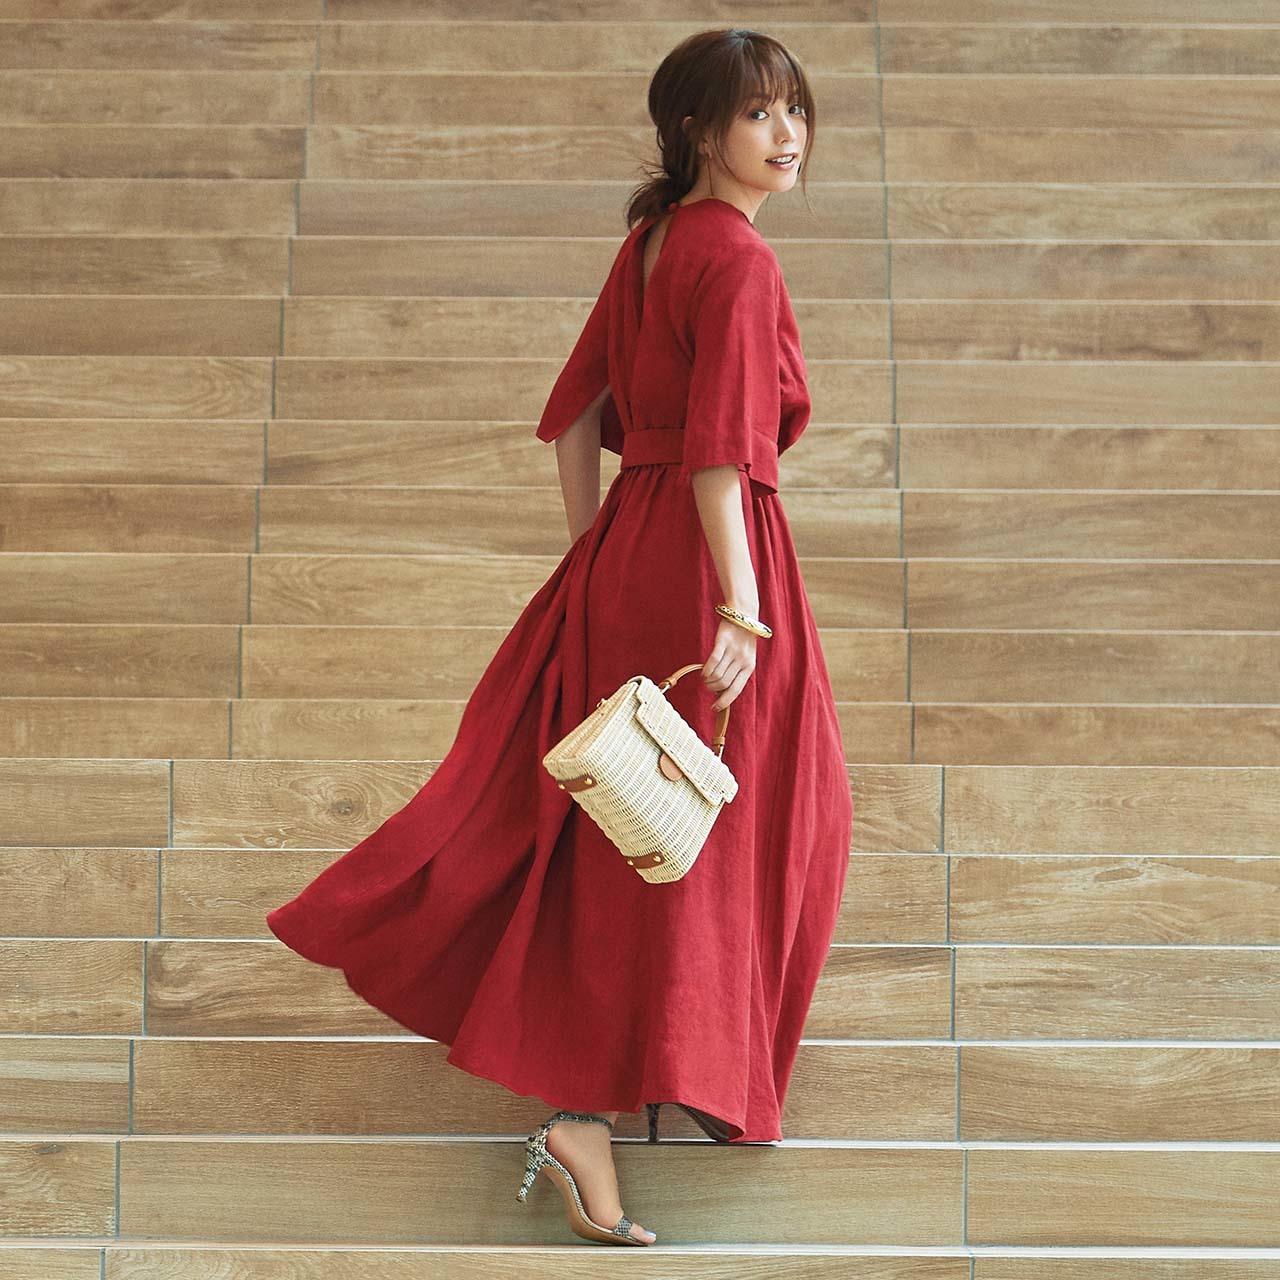 赤いワンピースを着用したモデルの蛯原友里さん